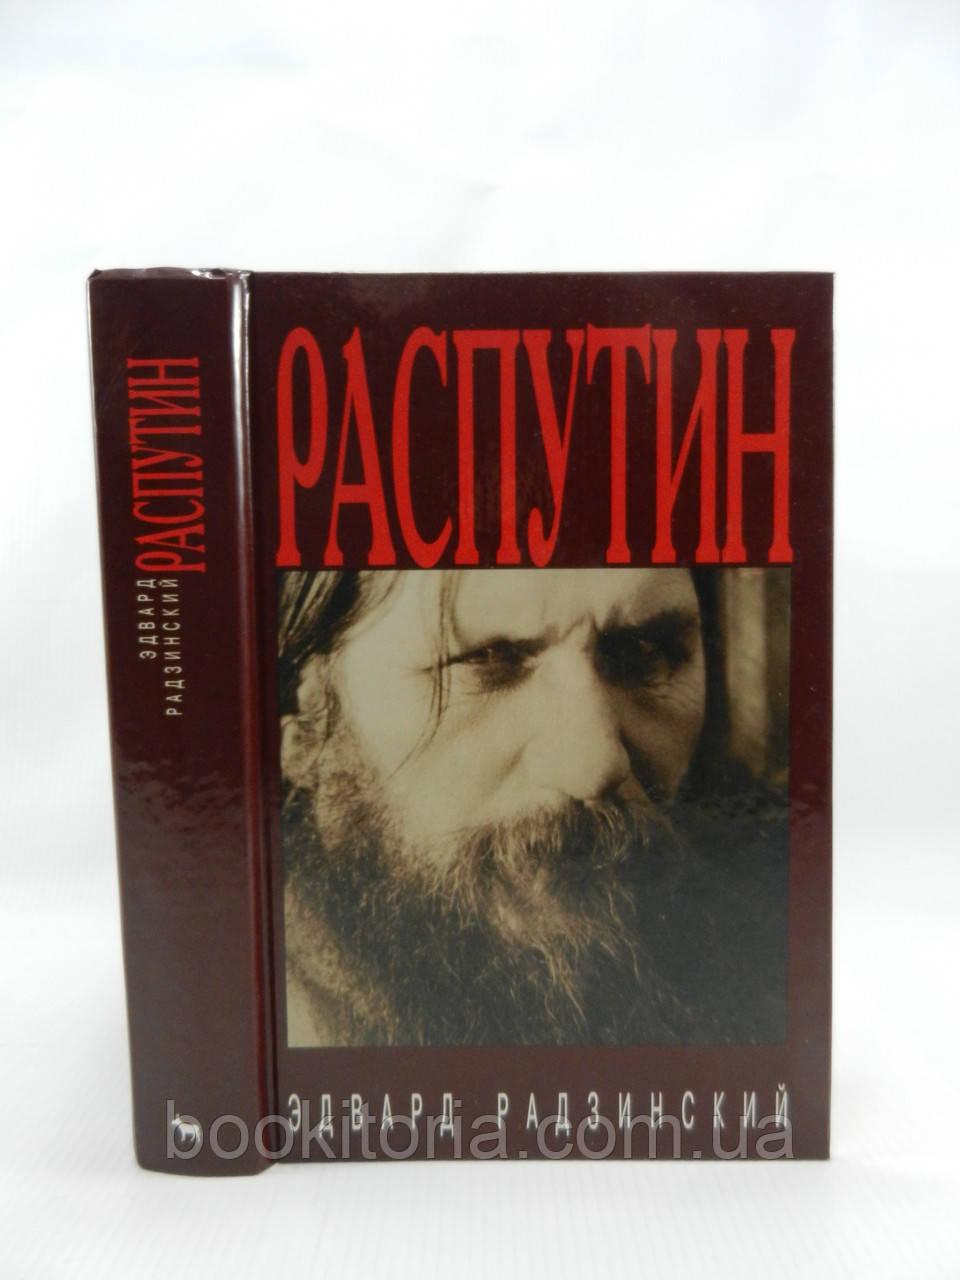 Радзинский Э. Распутин: жизнь и смерть (б/у).